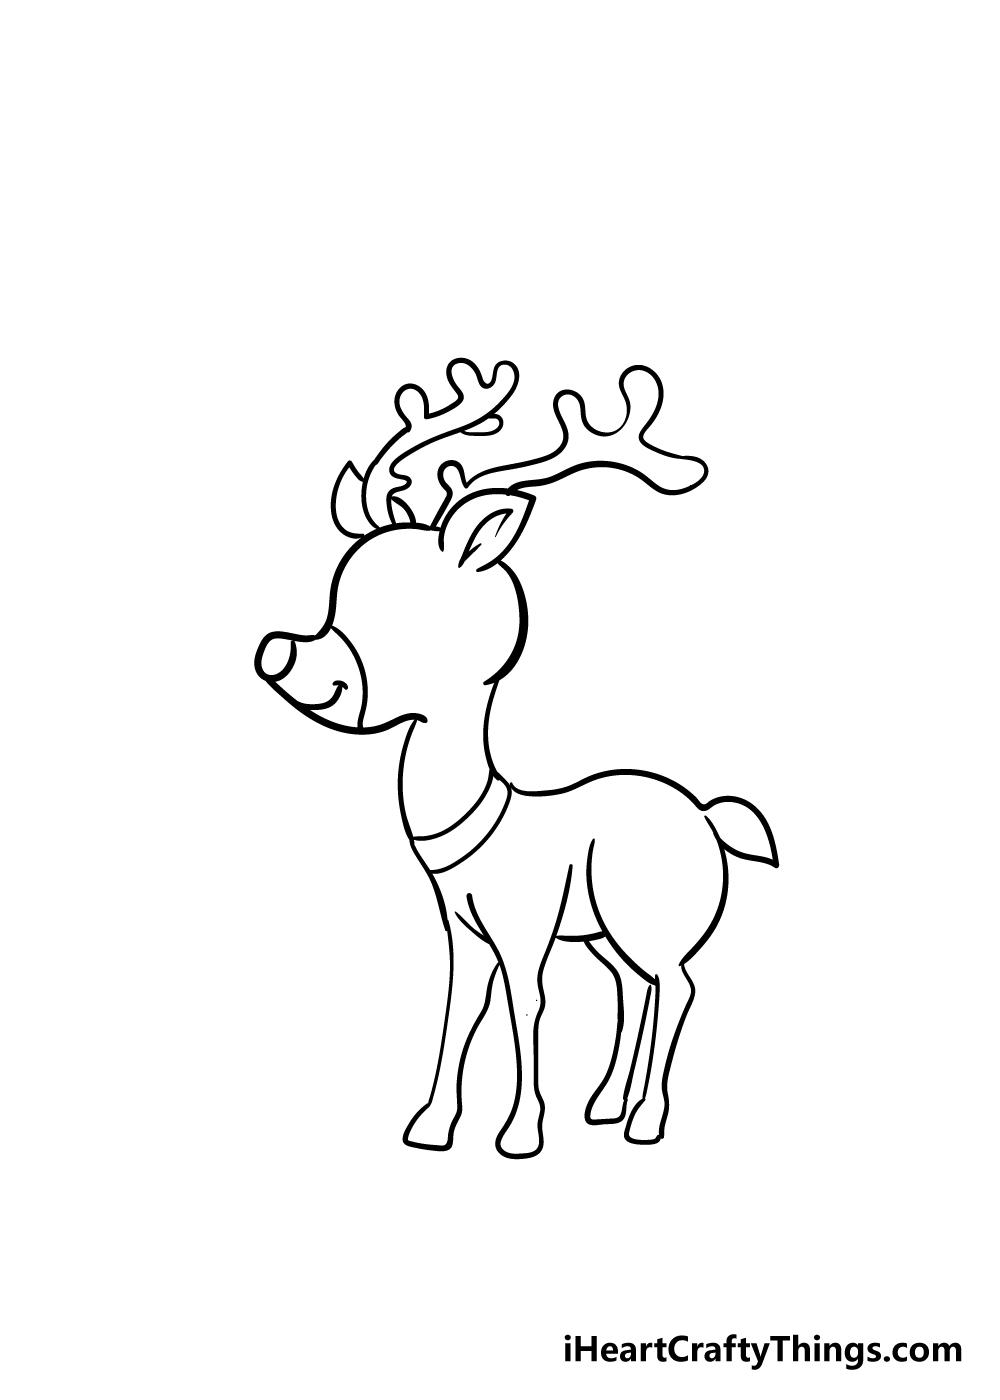 reindeer drawing step 6